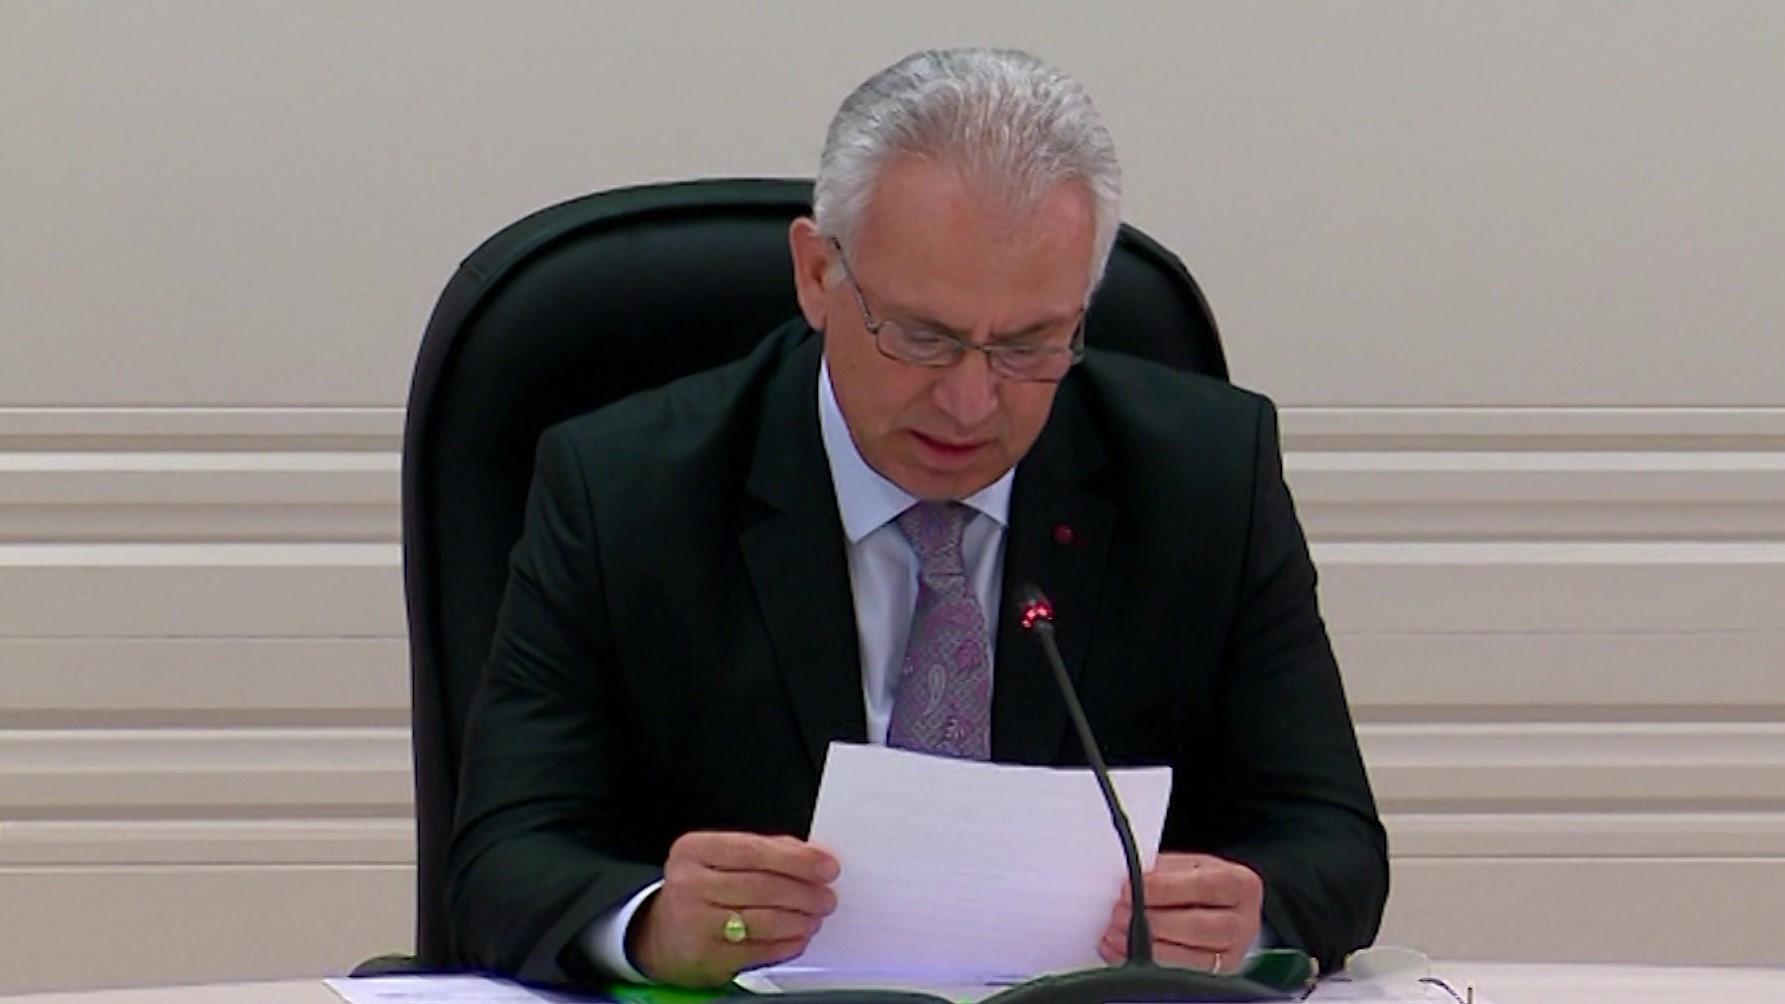 Më 30 nëntor pritet shkarkimi i Zgurit dhe zgjedhja e Kryeprokurorit të përkohshëm